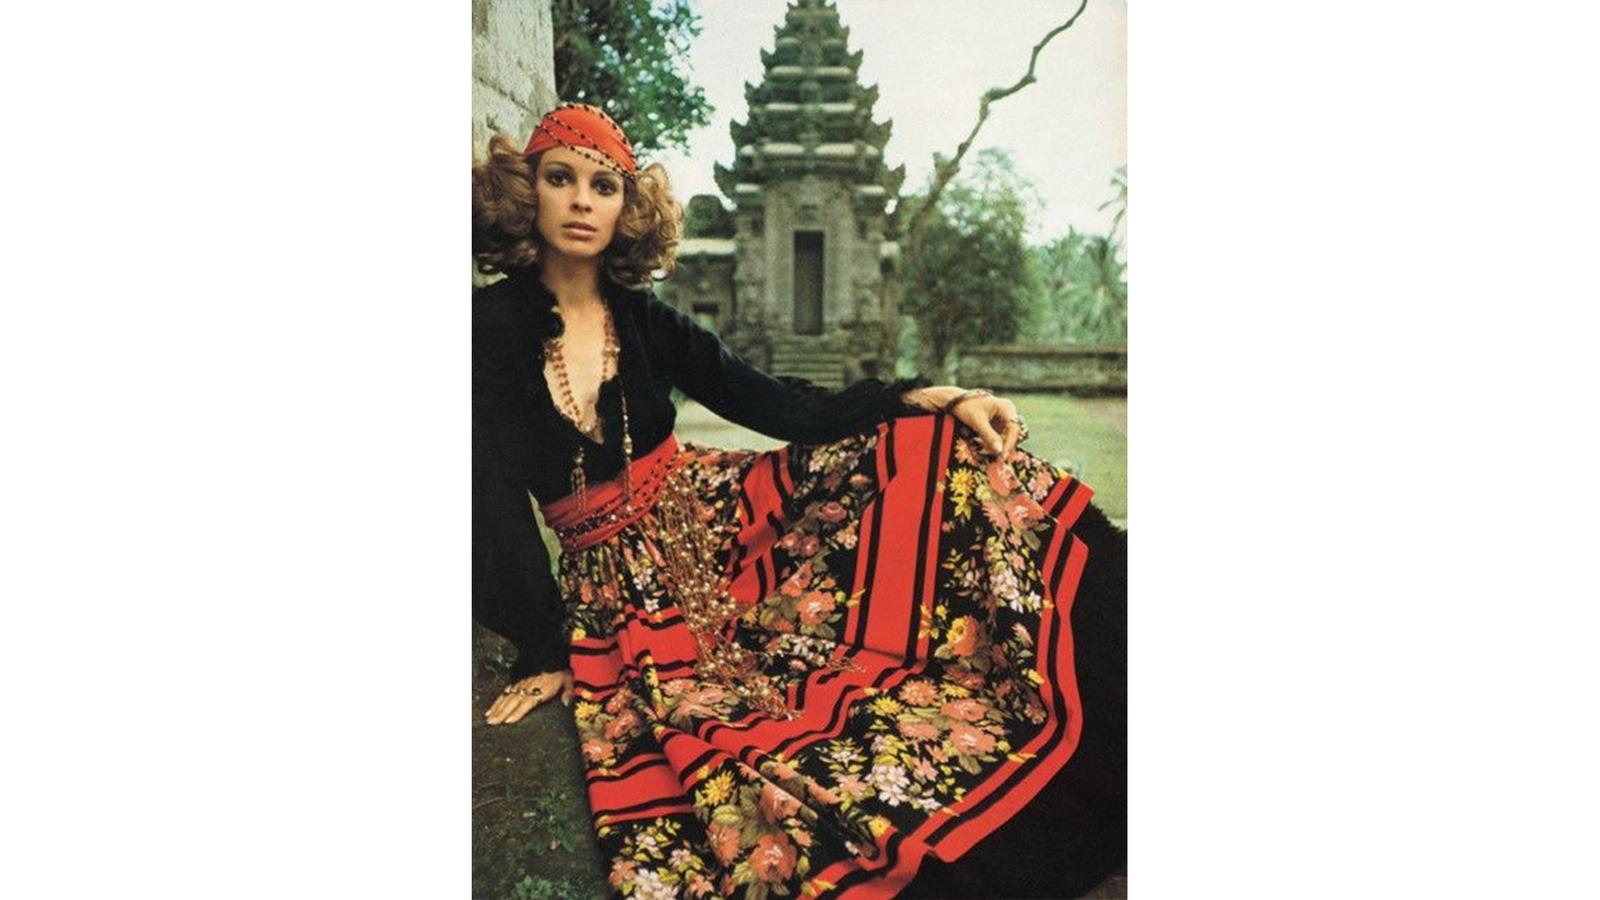 Must-Haves in den 70ies: Kopftücher und bunte Kleider mit verschiedensten Mustern, hauptsächlich mit Blumenmustern. Neben Flower Power war auch der Folklore- und Nostalgie-Stil sehr beliebt. Während in den 60ern die Devise je kürzer, desto besser lautet, wurden die Rocke in den 70ern wieder verlängert. Frauen tragen bodenlange Kleider und Röcke, Hemdblusenkleider, Faltenröcke oder Tweed-Röcke. (© Pinterest)